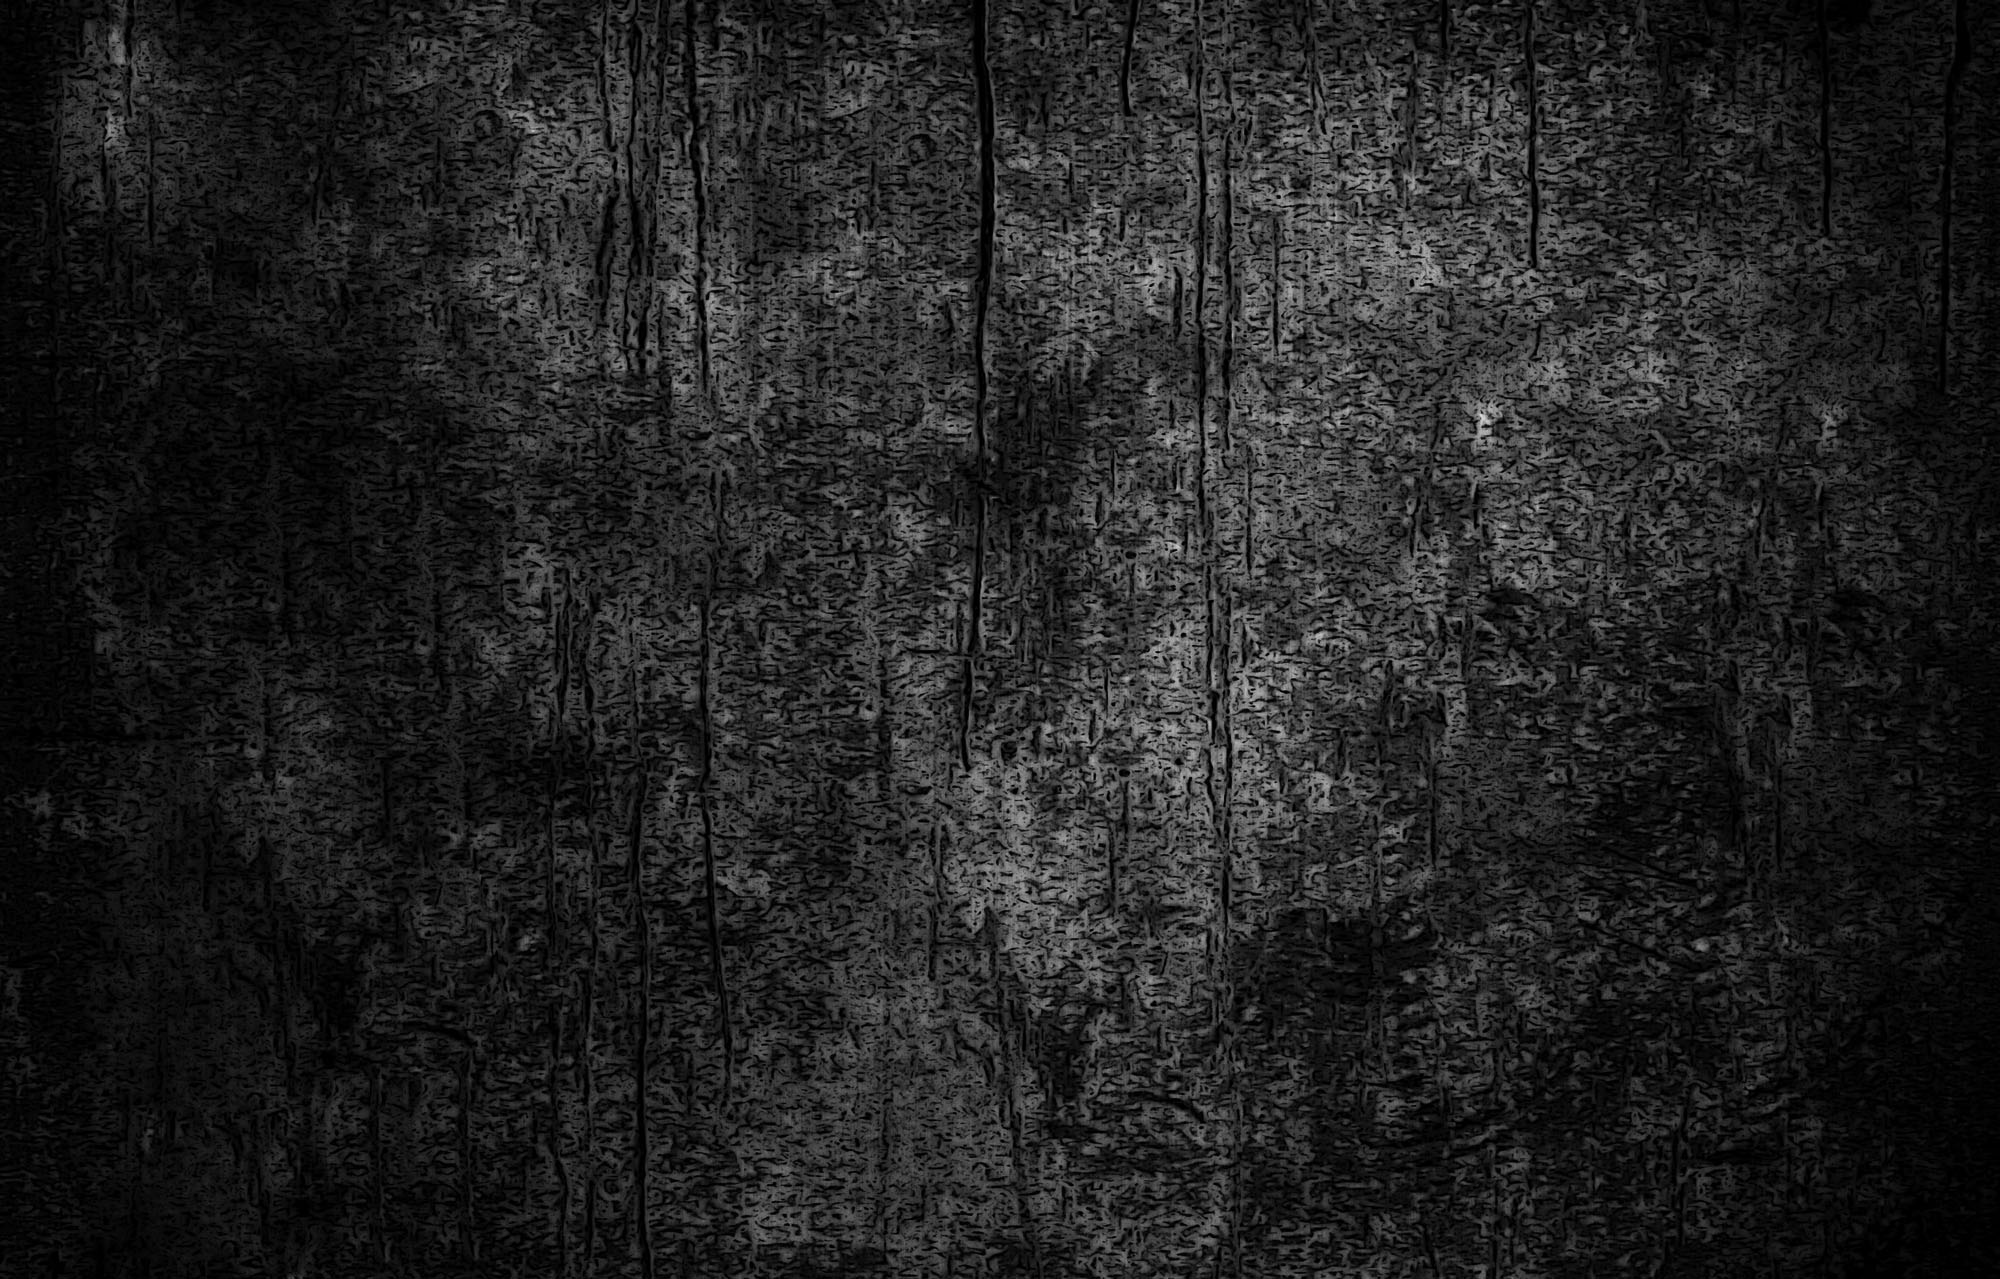 Grunge Tumblr 2000x1279